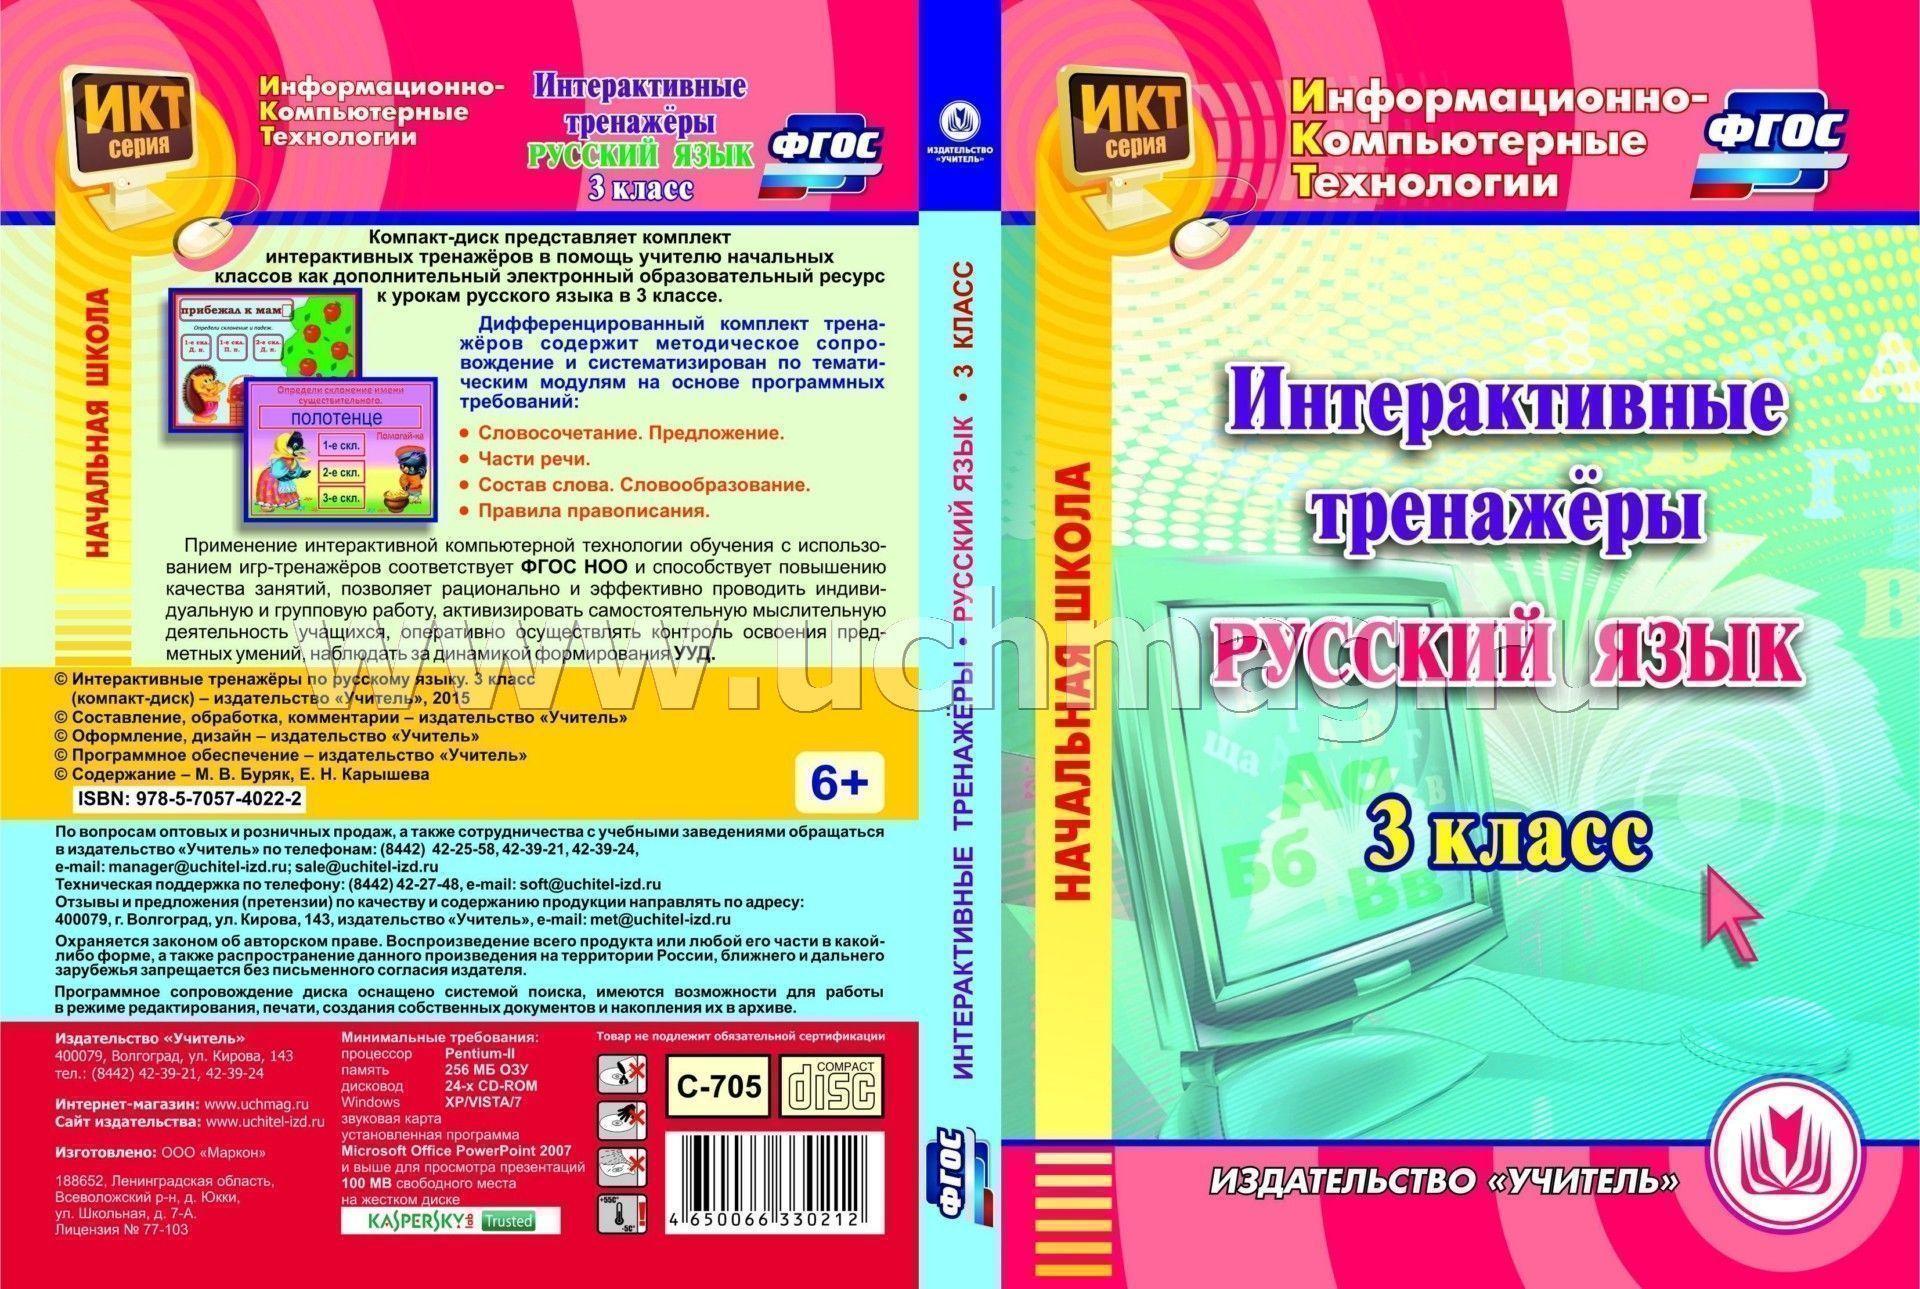 поурочные планы по русскому языку 3 класс пнш чуракова скачать